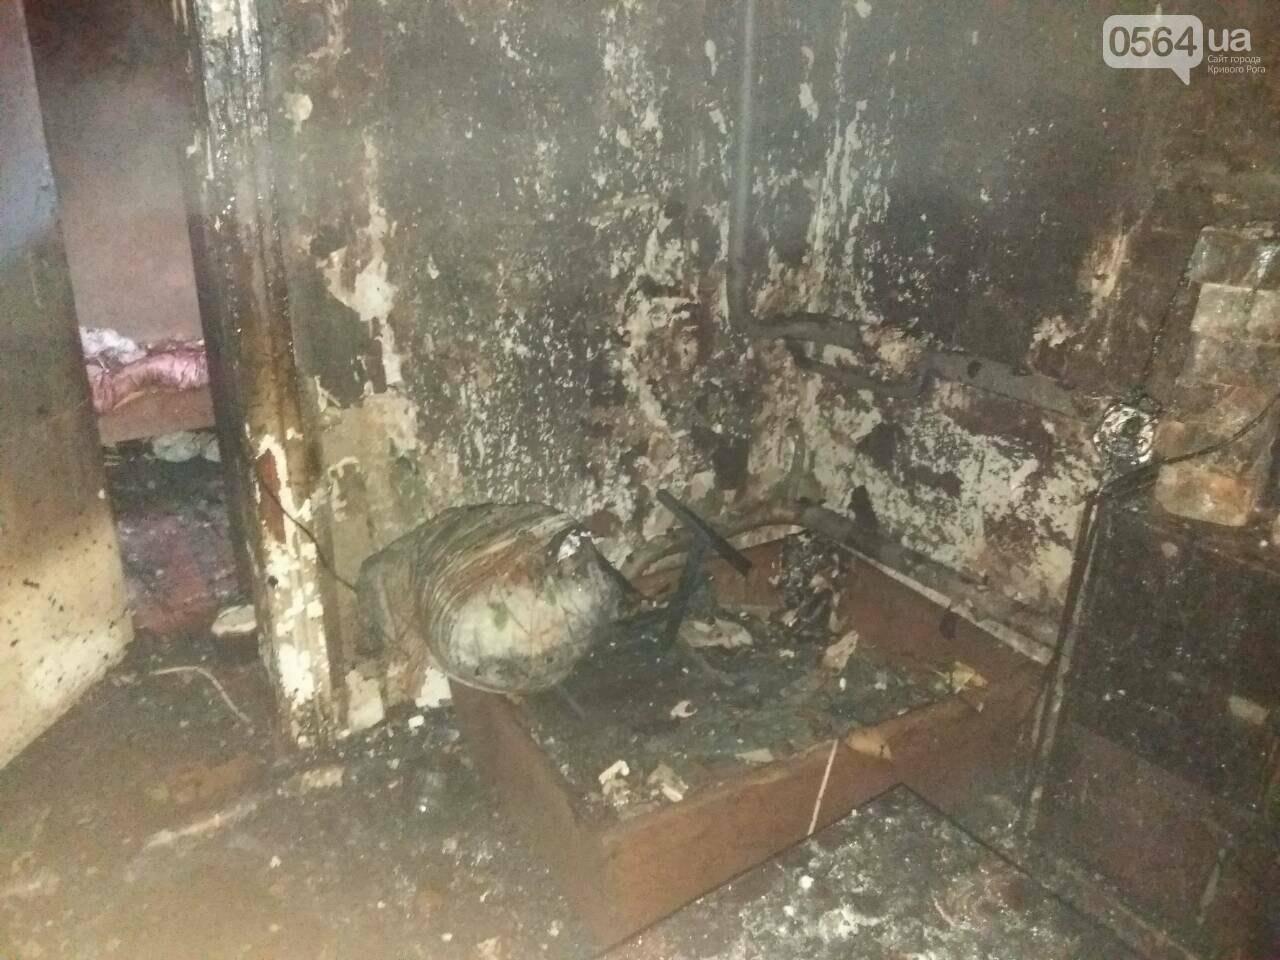 В Кривом Роге на пожаре обнаружили тело 40-летнего мужчины (ФОТО), фото-3